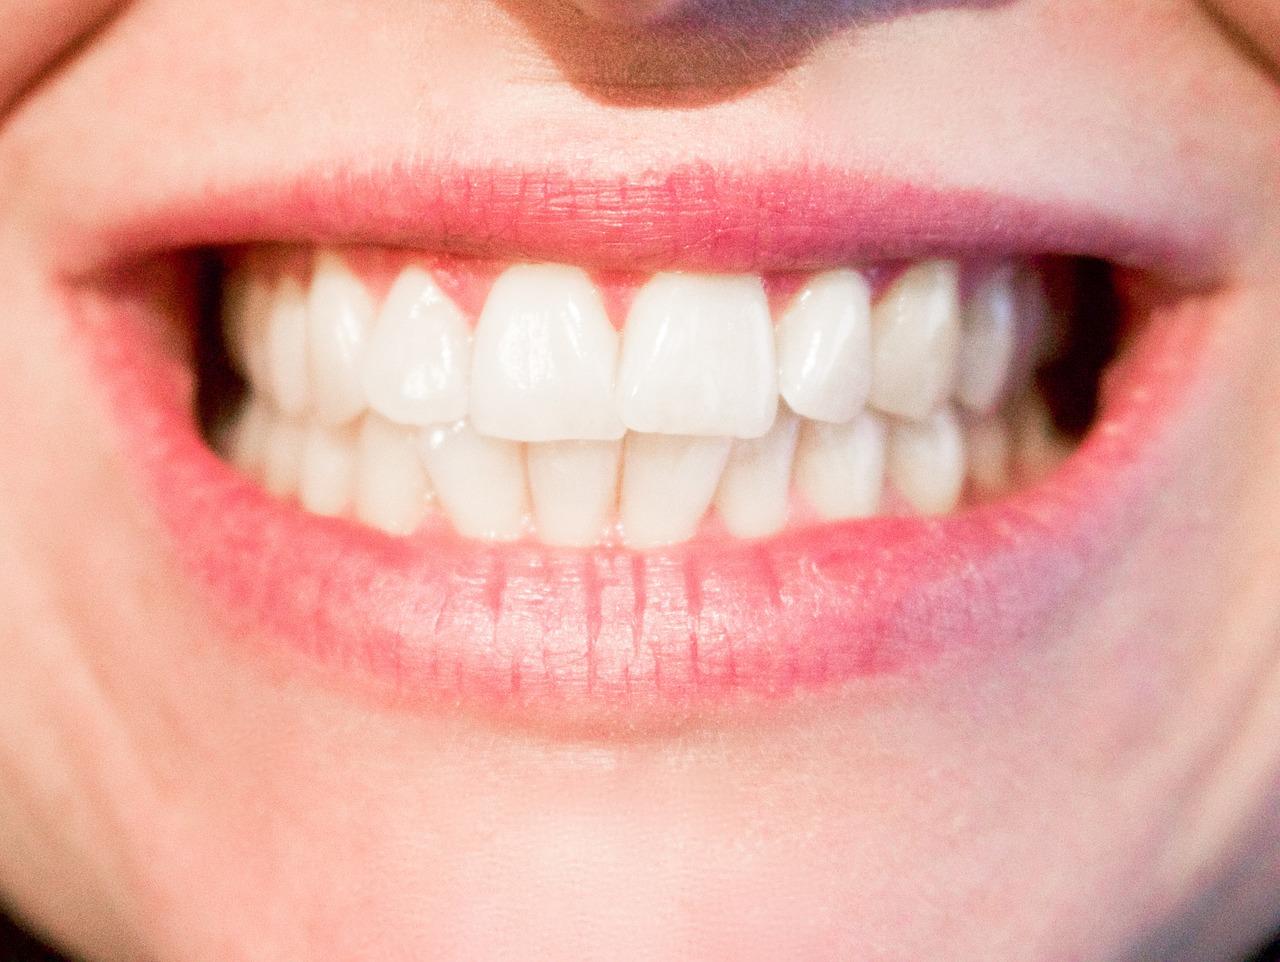 不安!歯列矯正の抜歯後隙間はどのくらいの期間で埋まる?体験談も